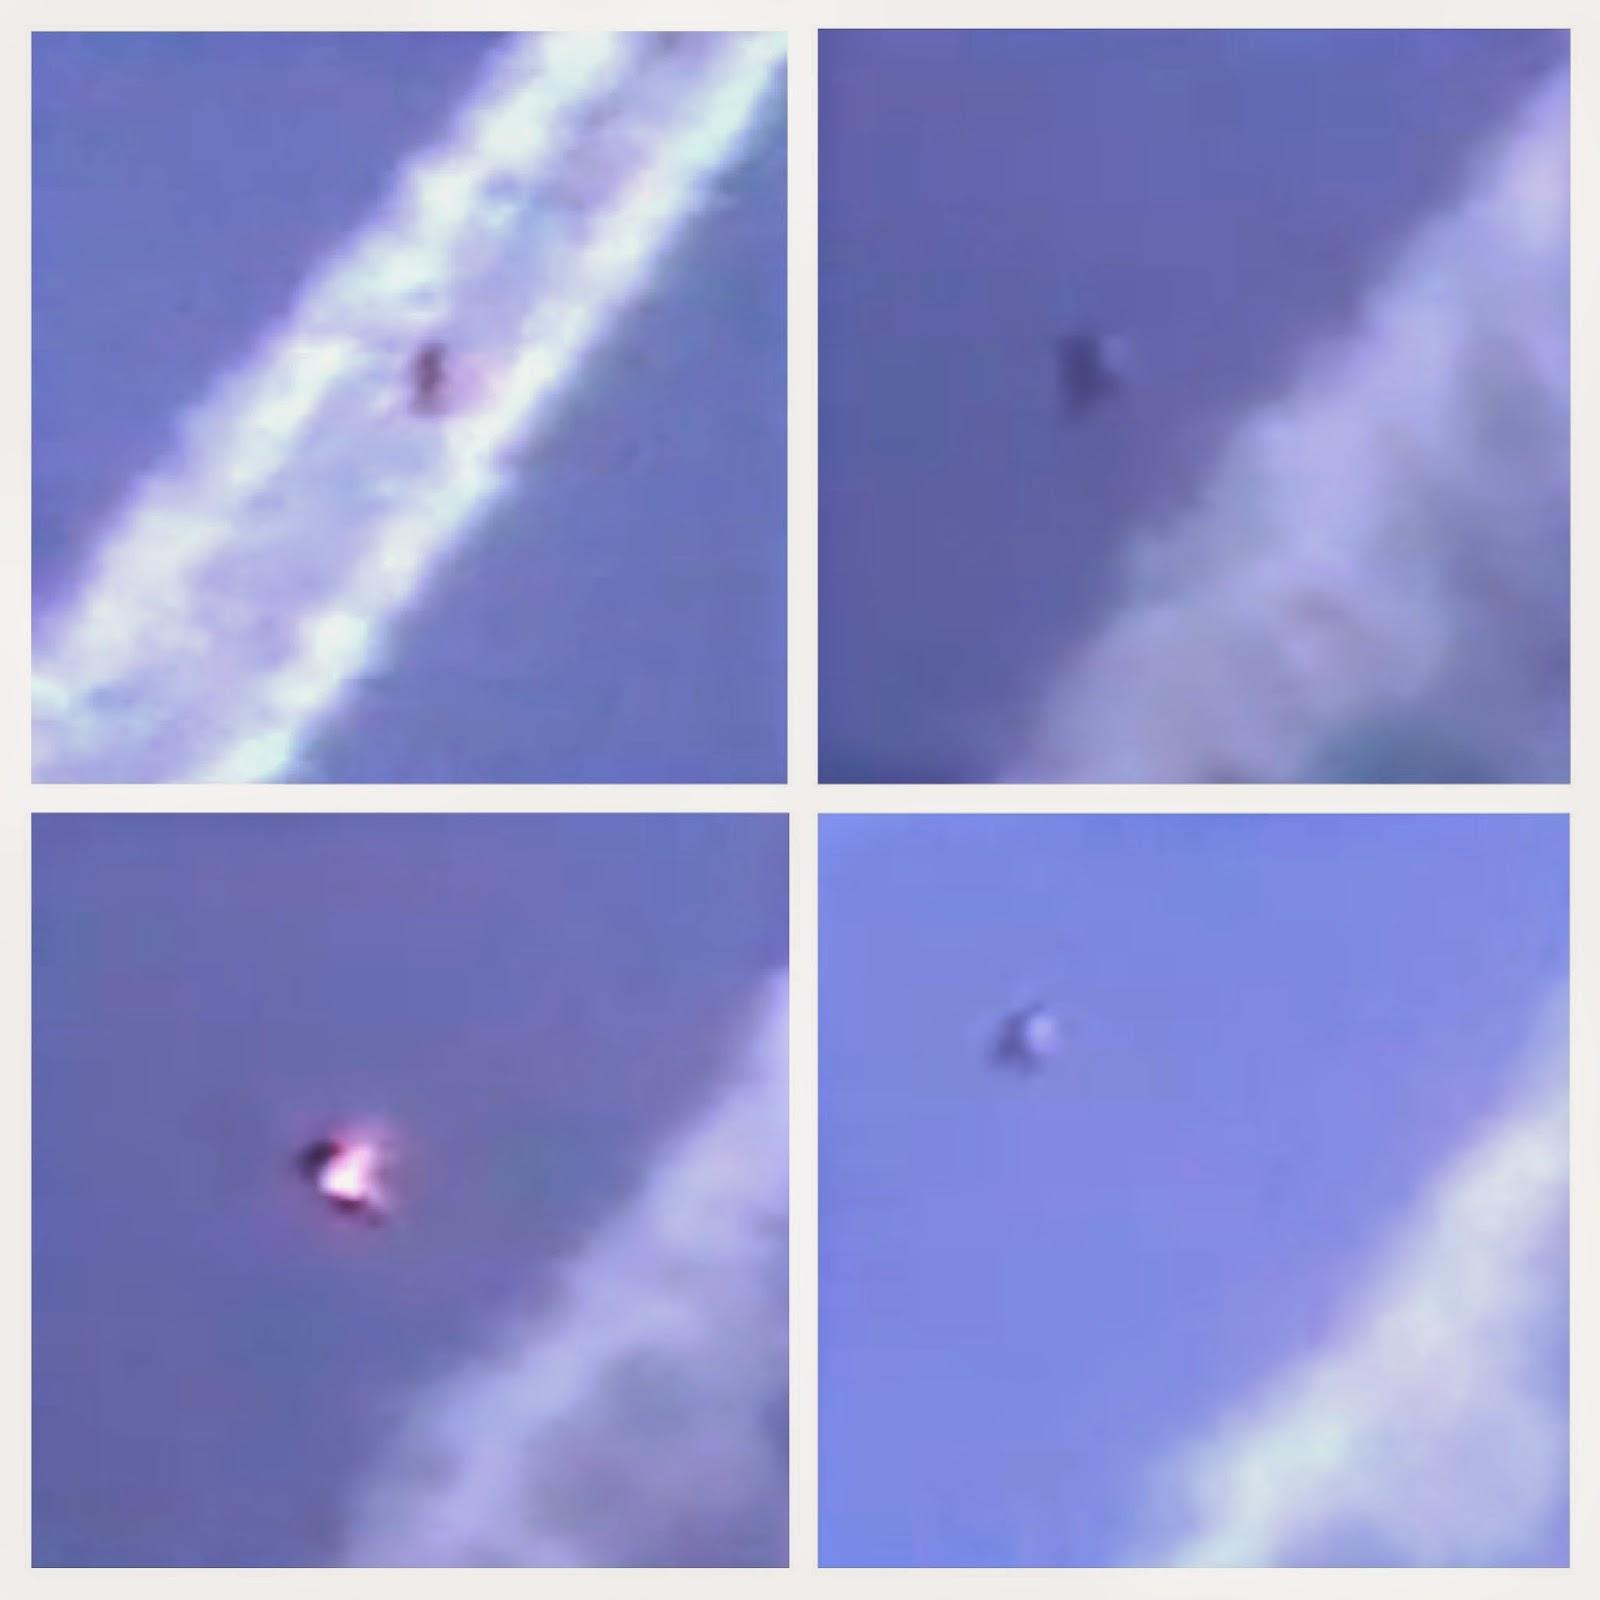 kemikaalivana UFO